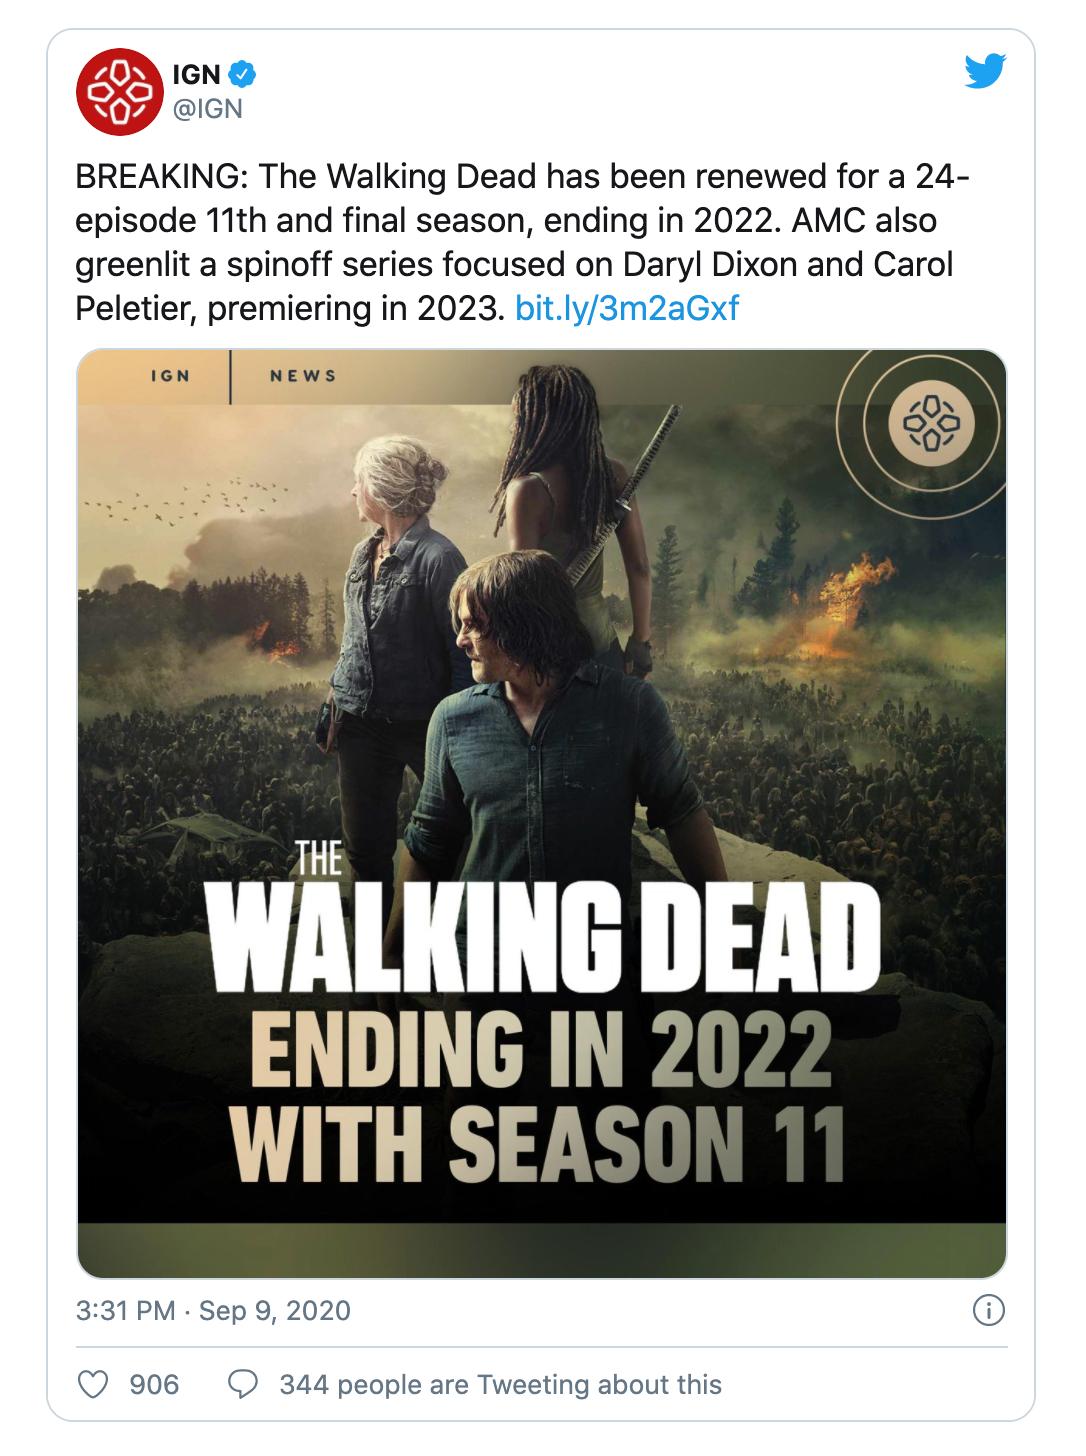 [IGN] «Ходячие мертвецы» наконец упокоятся с миром в 2022 году с финалом 11-го сезона. Но спин-оффы останутся